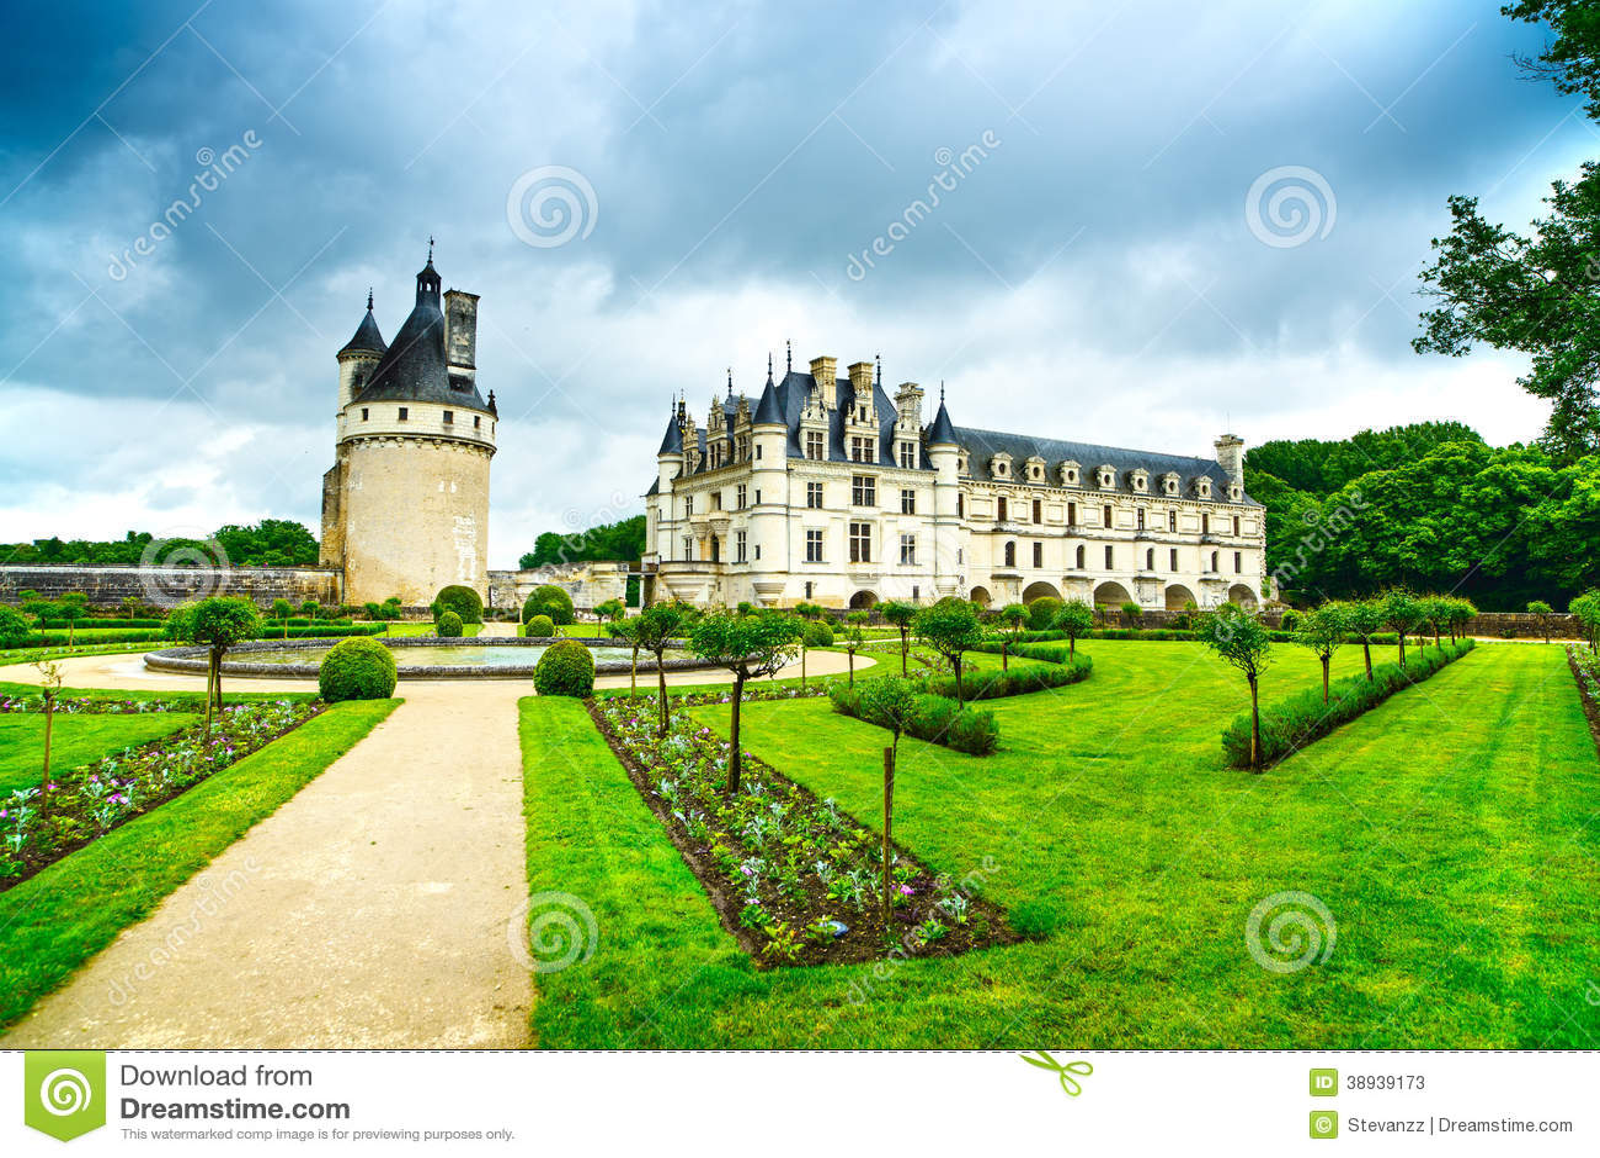 Ch teau et jardin de chateau de chenonceau france photo for Jardin en france